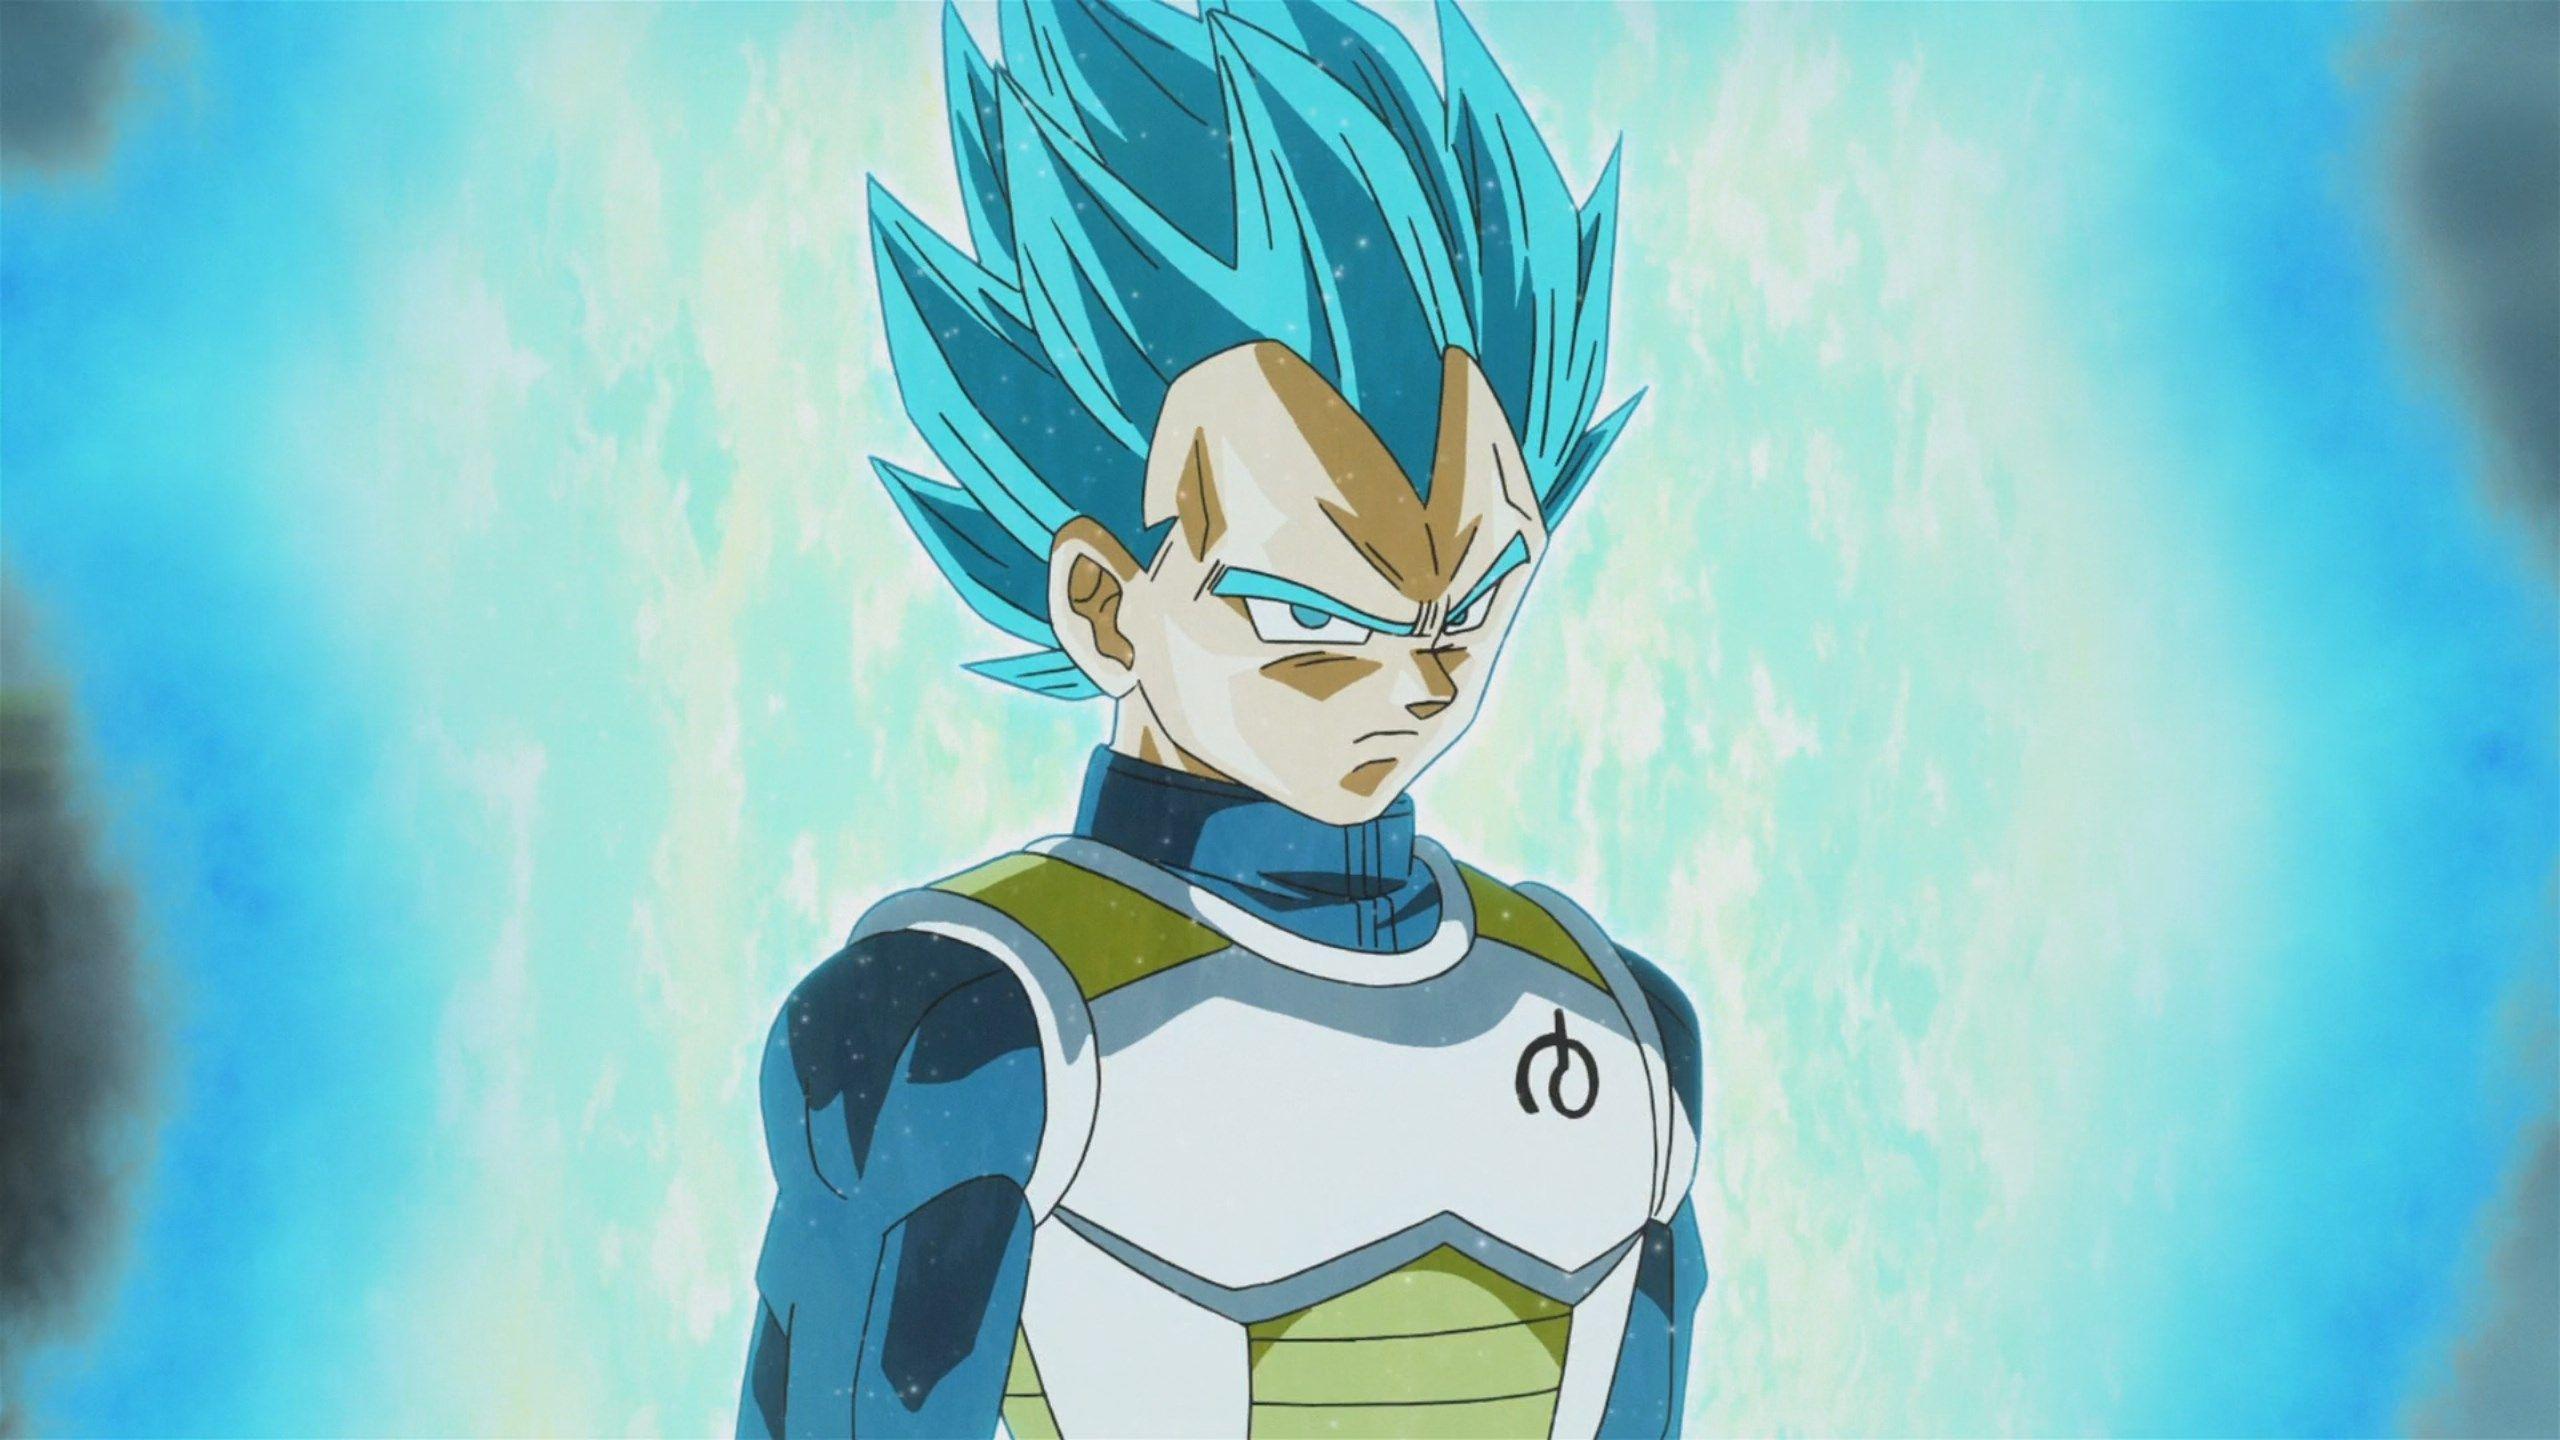 Vegeta Super Saiyan Blue Wallpapers Top Free Vegeta Super Saiyan